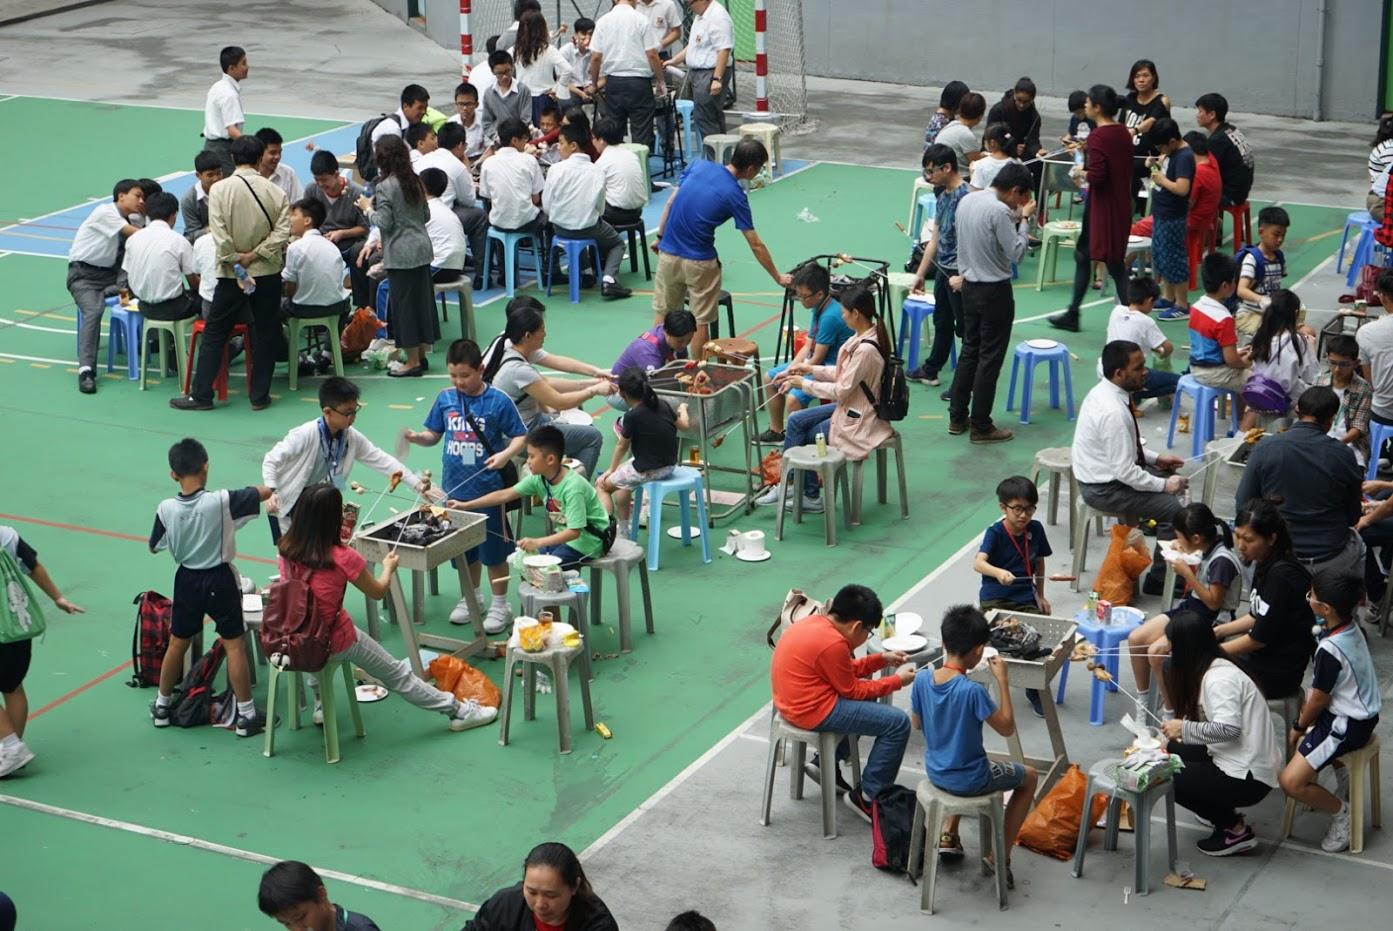 天主教慈幼會伍少梅中學的中學生活體驗日 - 活動精華相片27